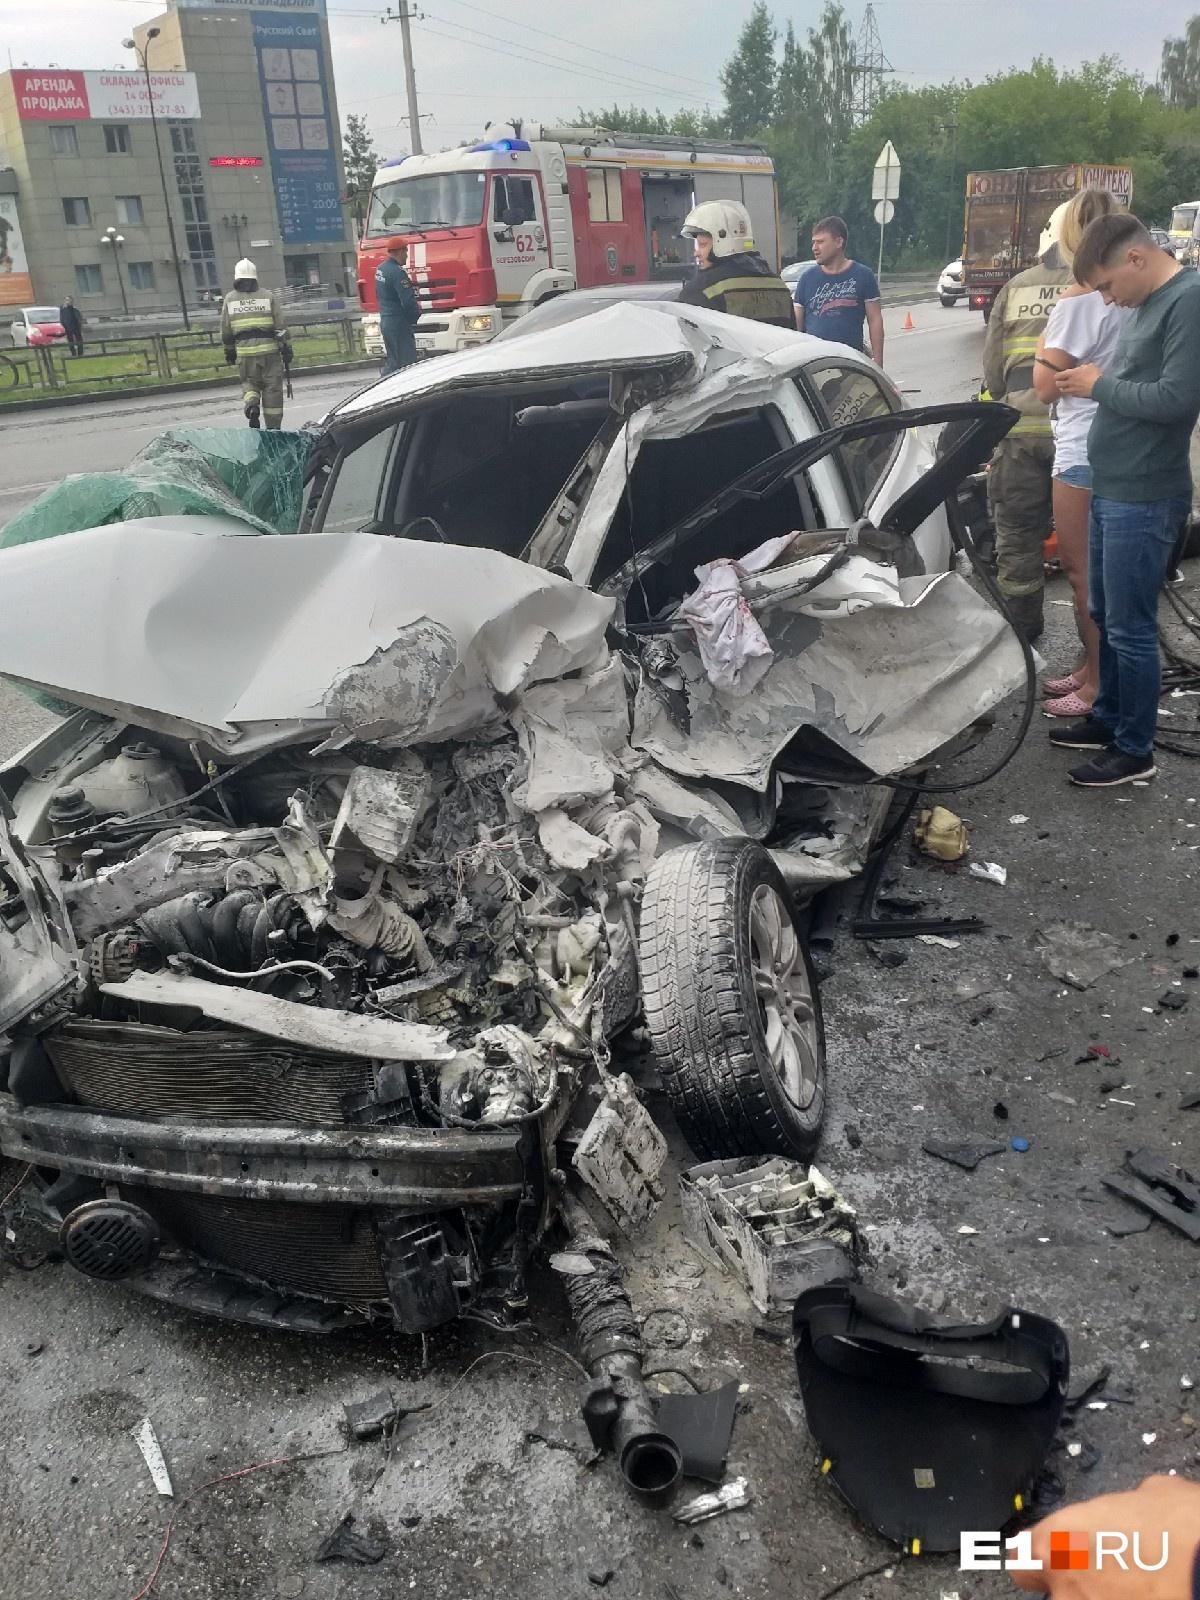 Потушили загоревшийся Hyundai проезжавшие мимо автомобилисты